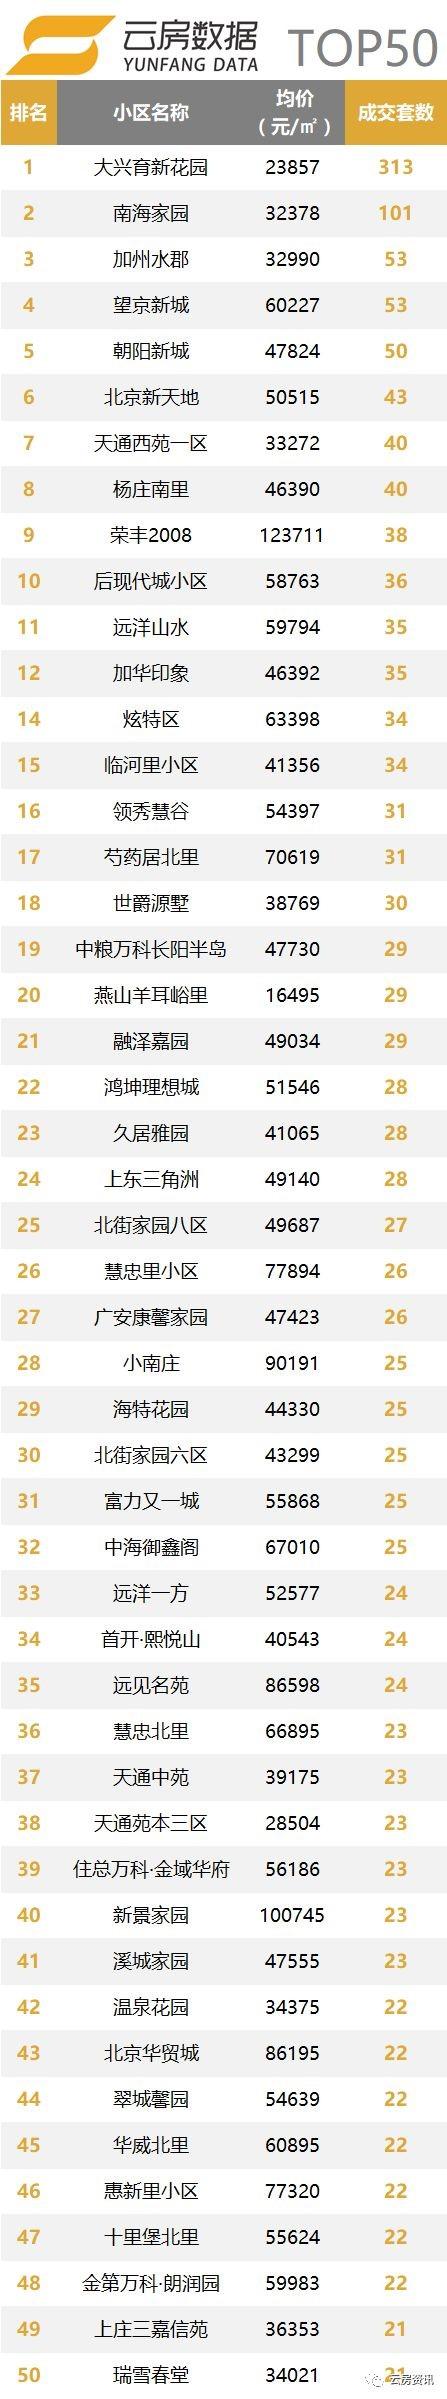 热点成交小区TOP50.jpg